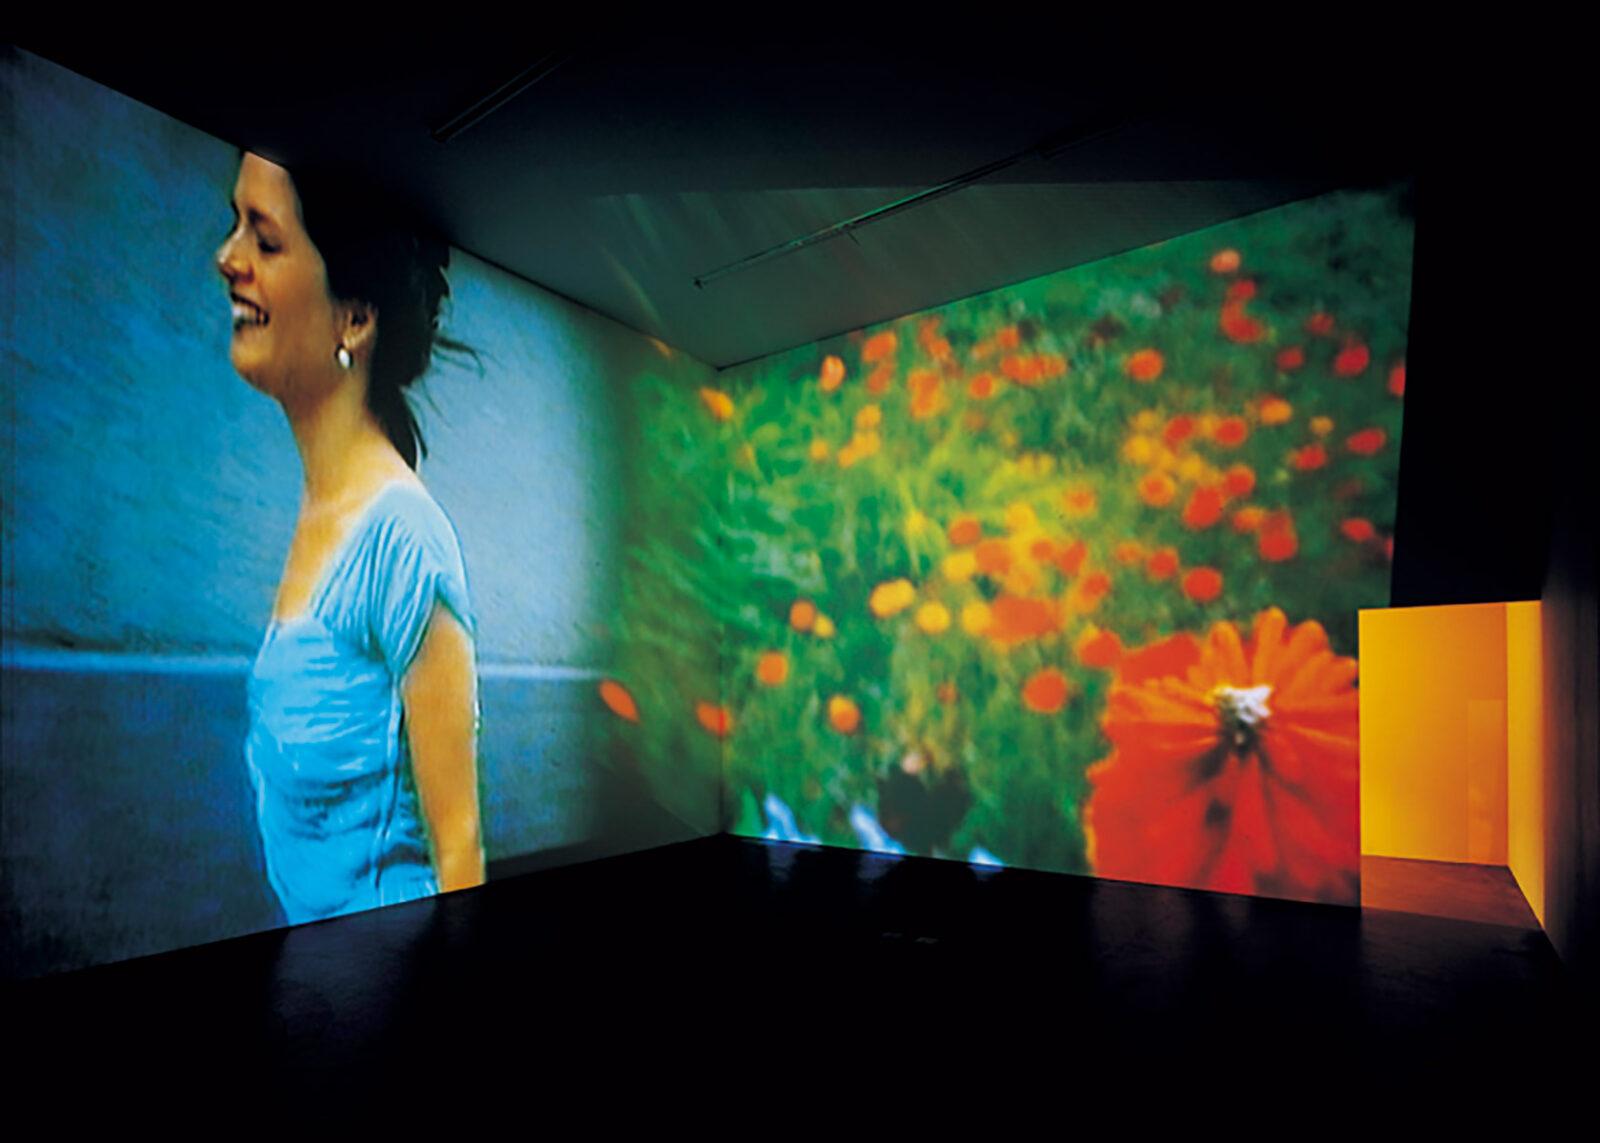 《永遠は終わった、永遠はあらゆる場所に》1997年  ヴェネチア・ビエンナーレ若手作家部門賞受賞。コーナーの壁一枚に花形のハンマーで車の窓ガラスを割る女性、もう一枚には花が投影される。実はビヨンセのMVのパロディでジェンダーやフェミニズムについて問うている。  京都国立近代美術館蔵 Photo by Alexander Trohler